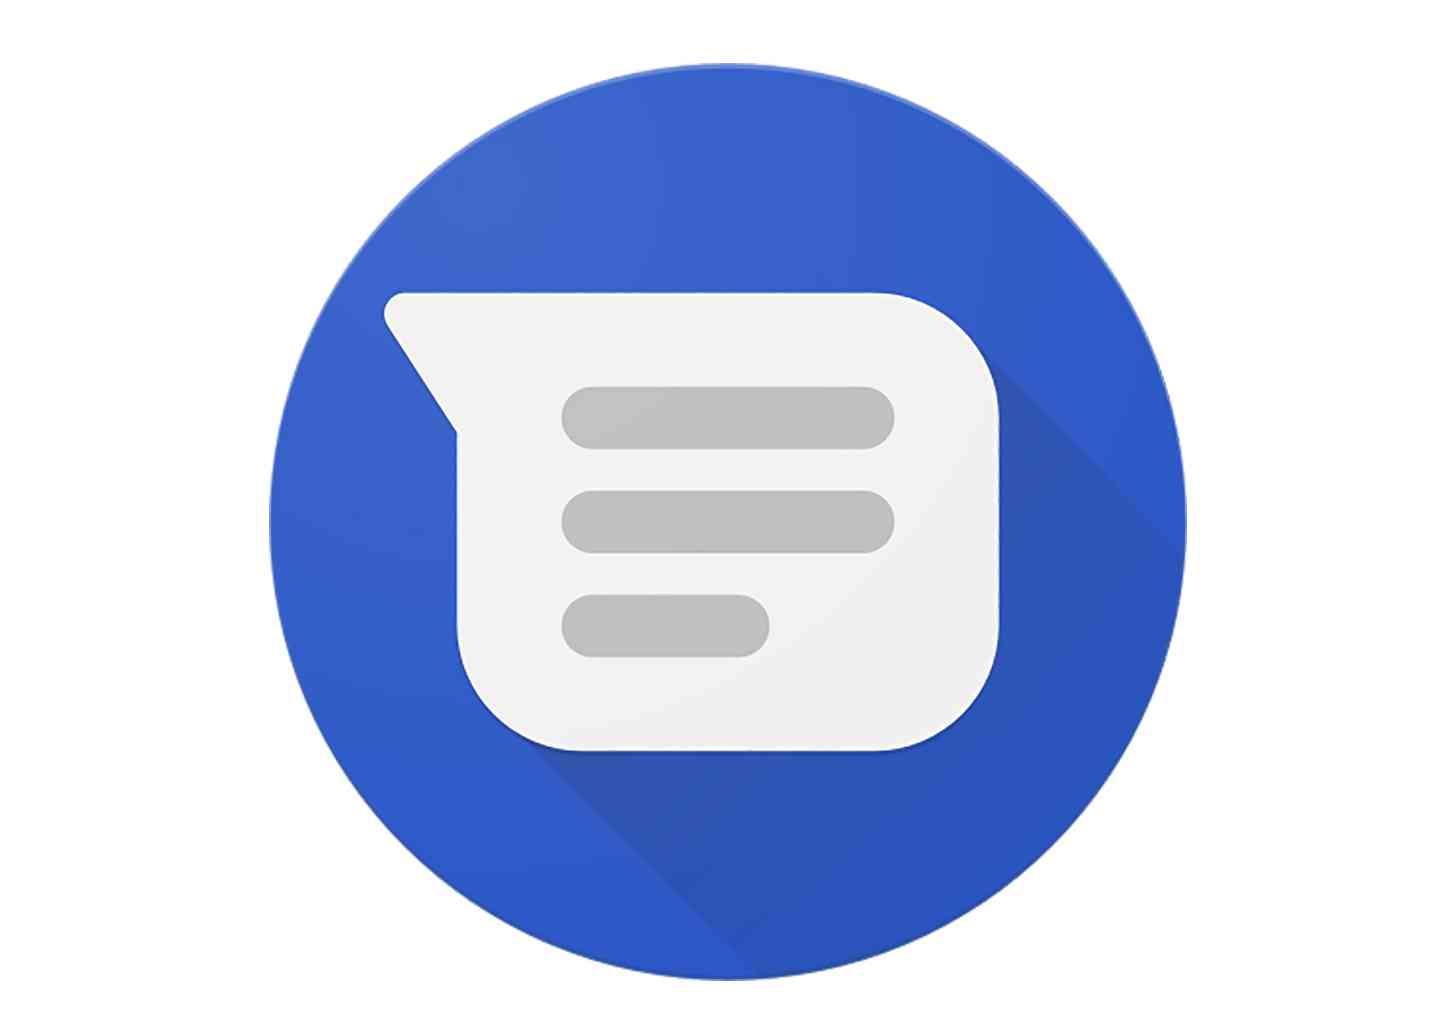 La app Mensajes de Google se actualiza con nueva interfaz y características